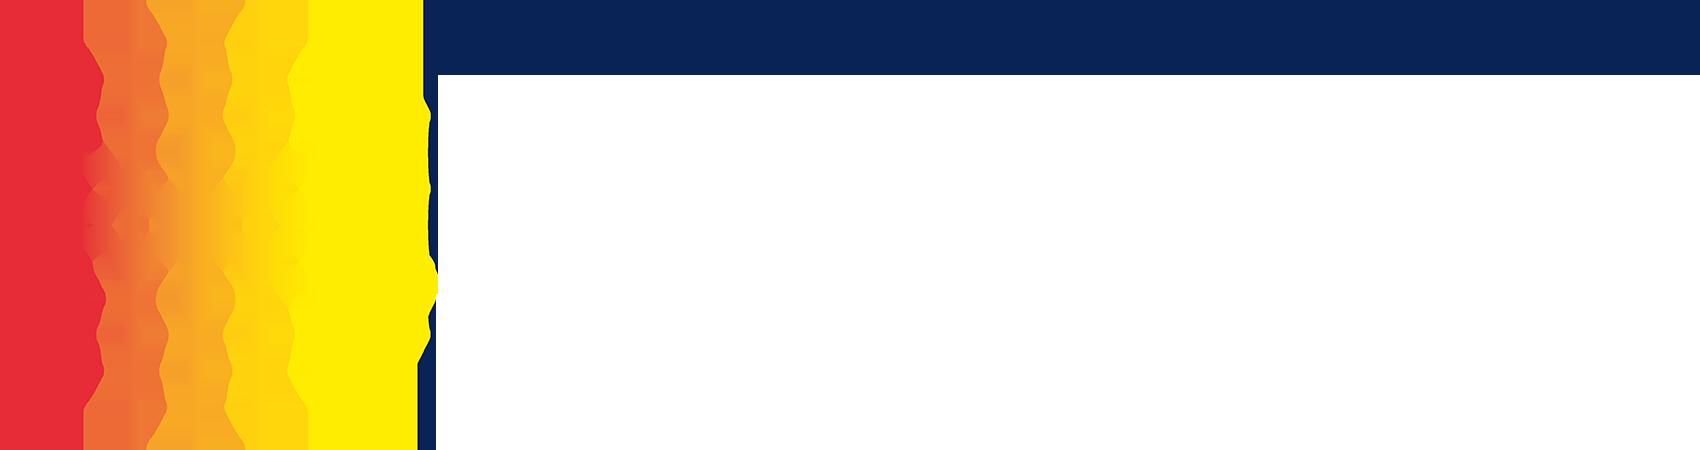 PNO Global